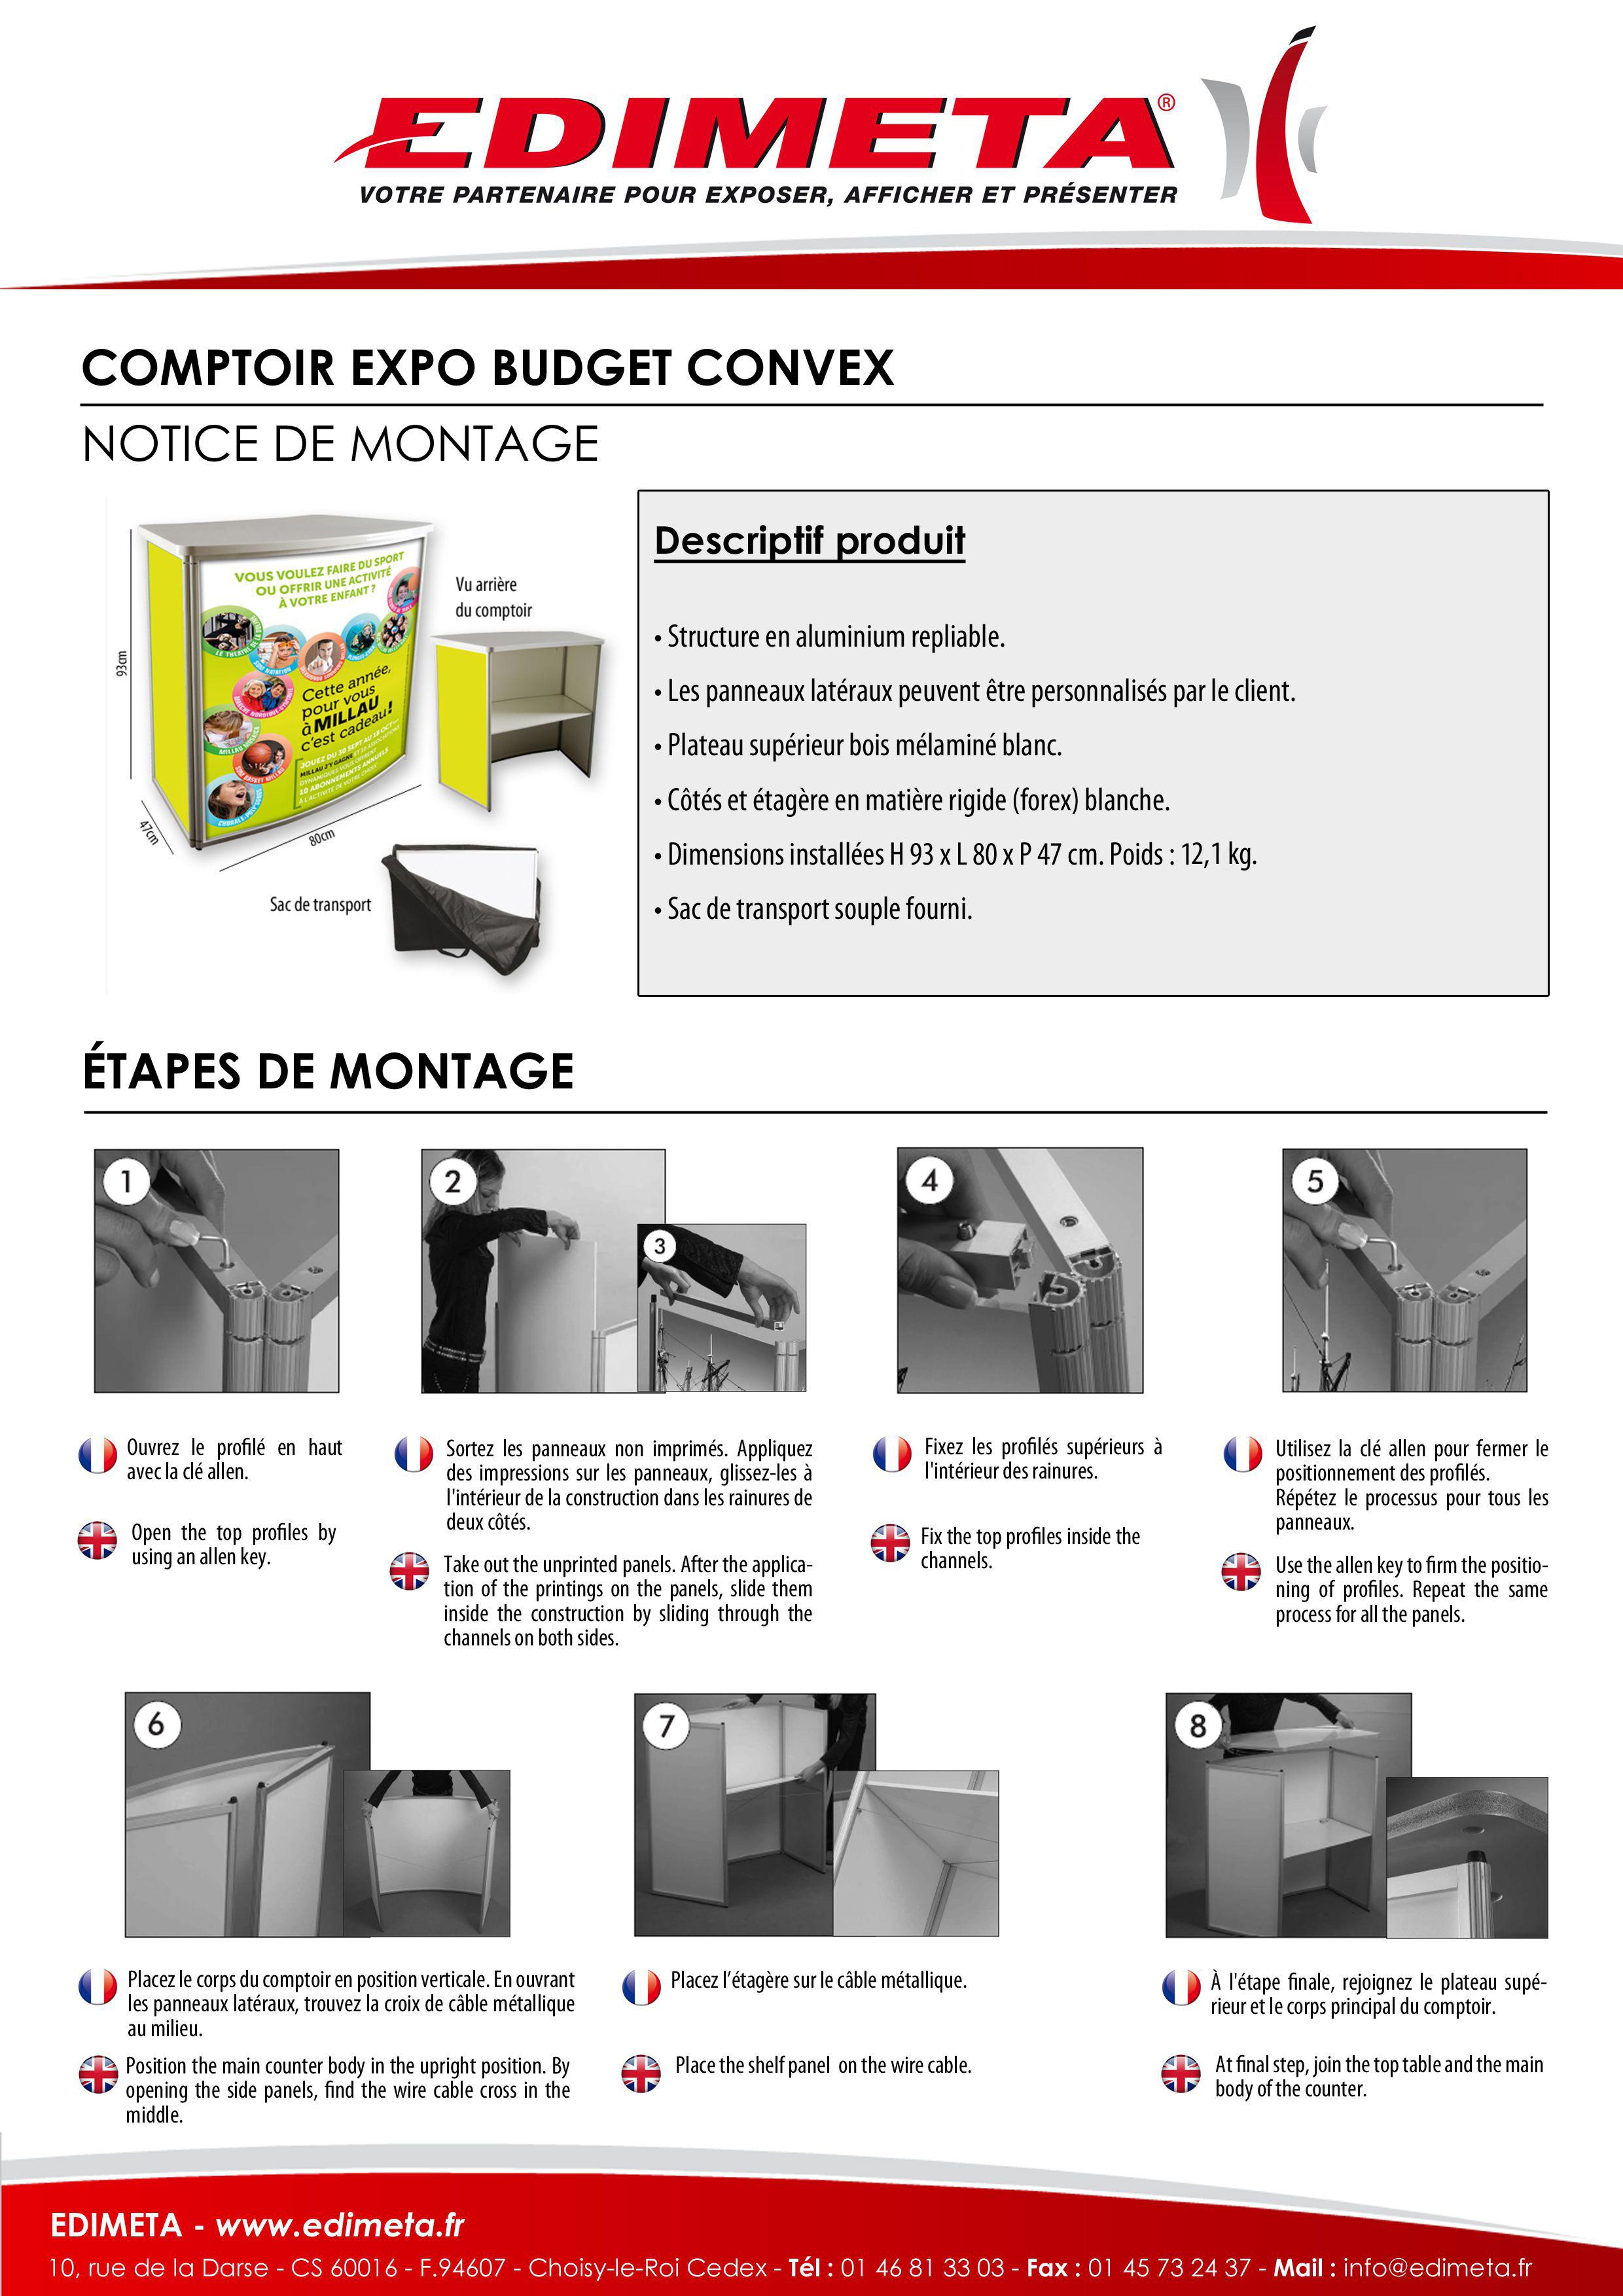 NOTICE DE MONTAGE : COMPTOIR EXPO BUDGET CONVEX